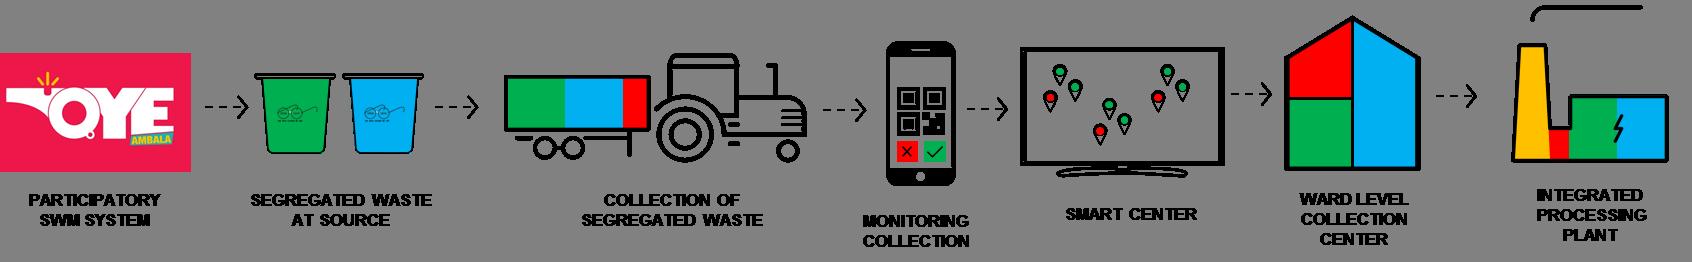 Vision Process Image.png